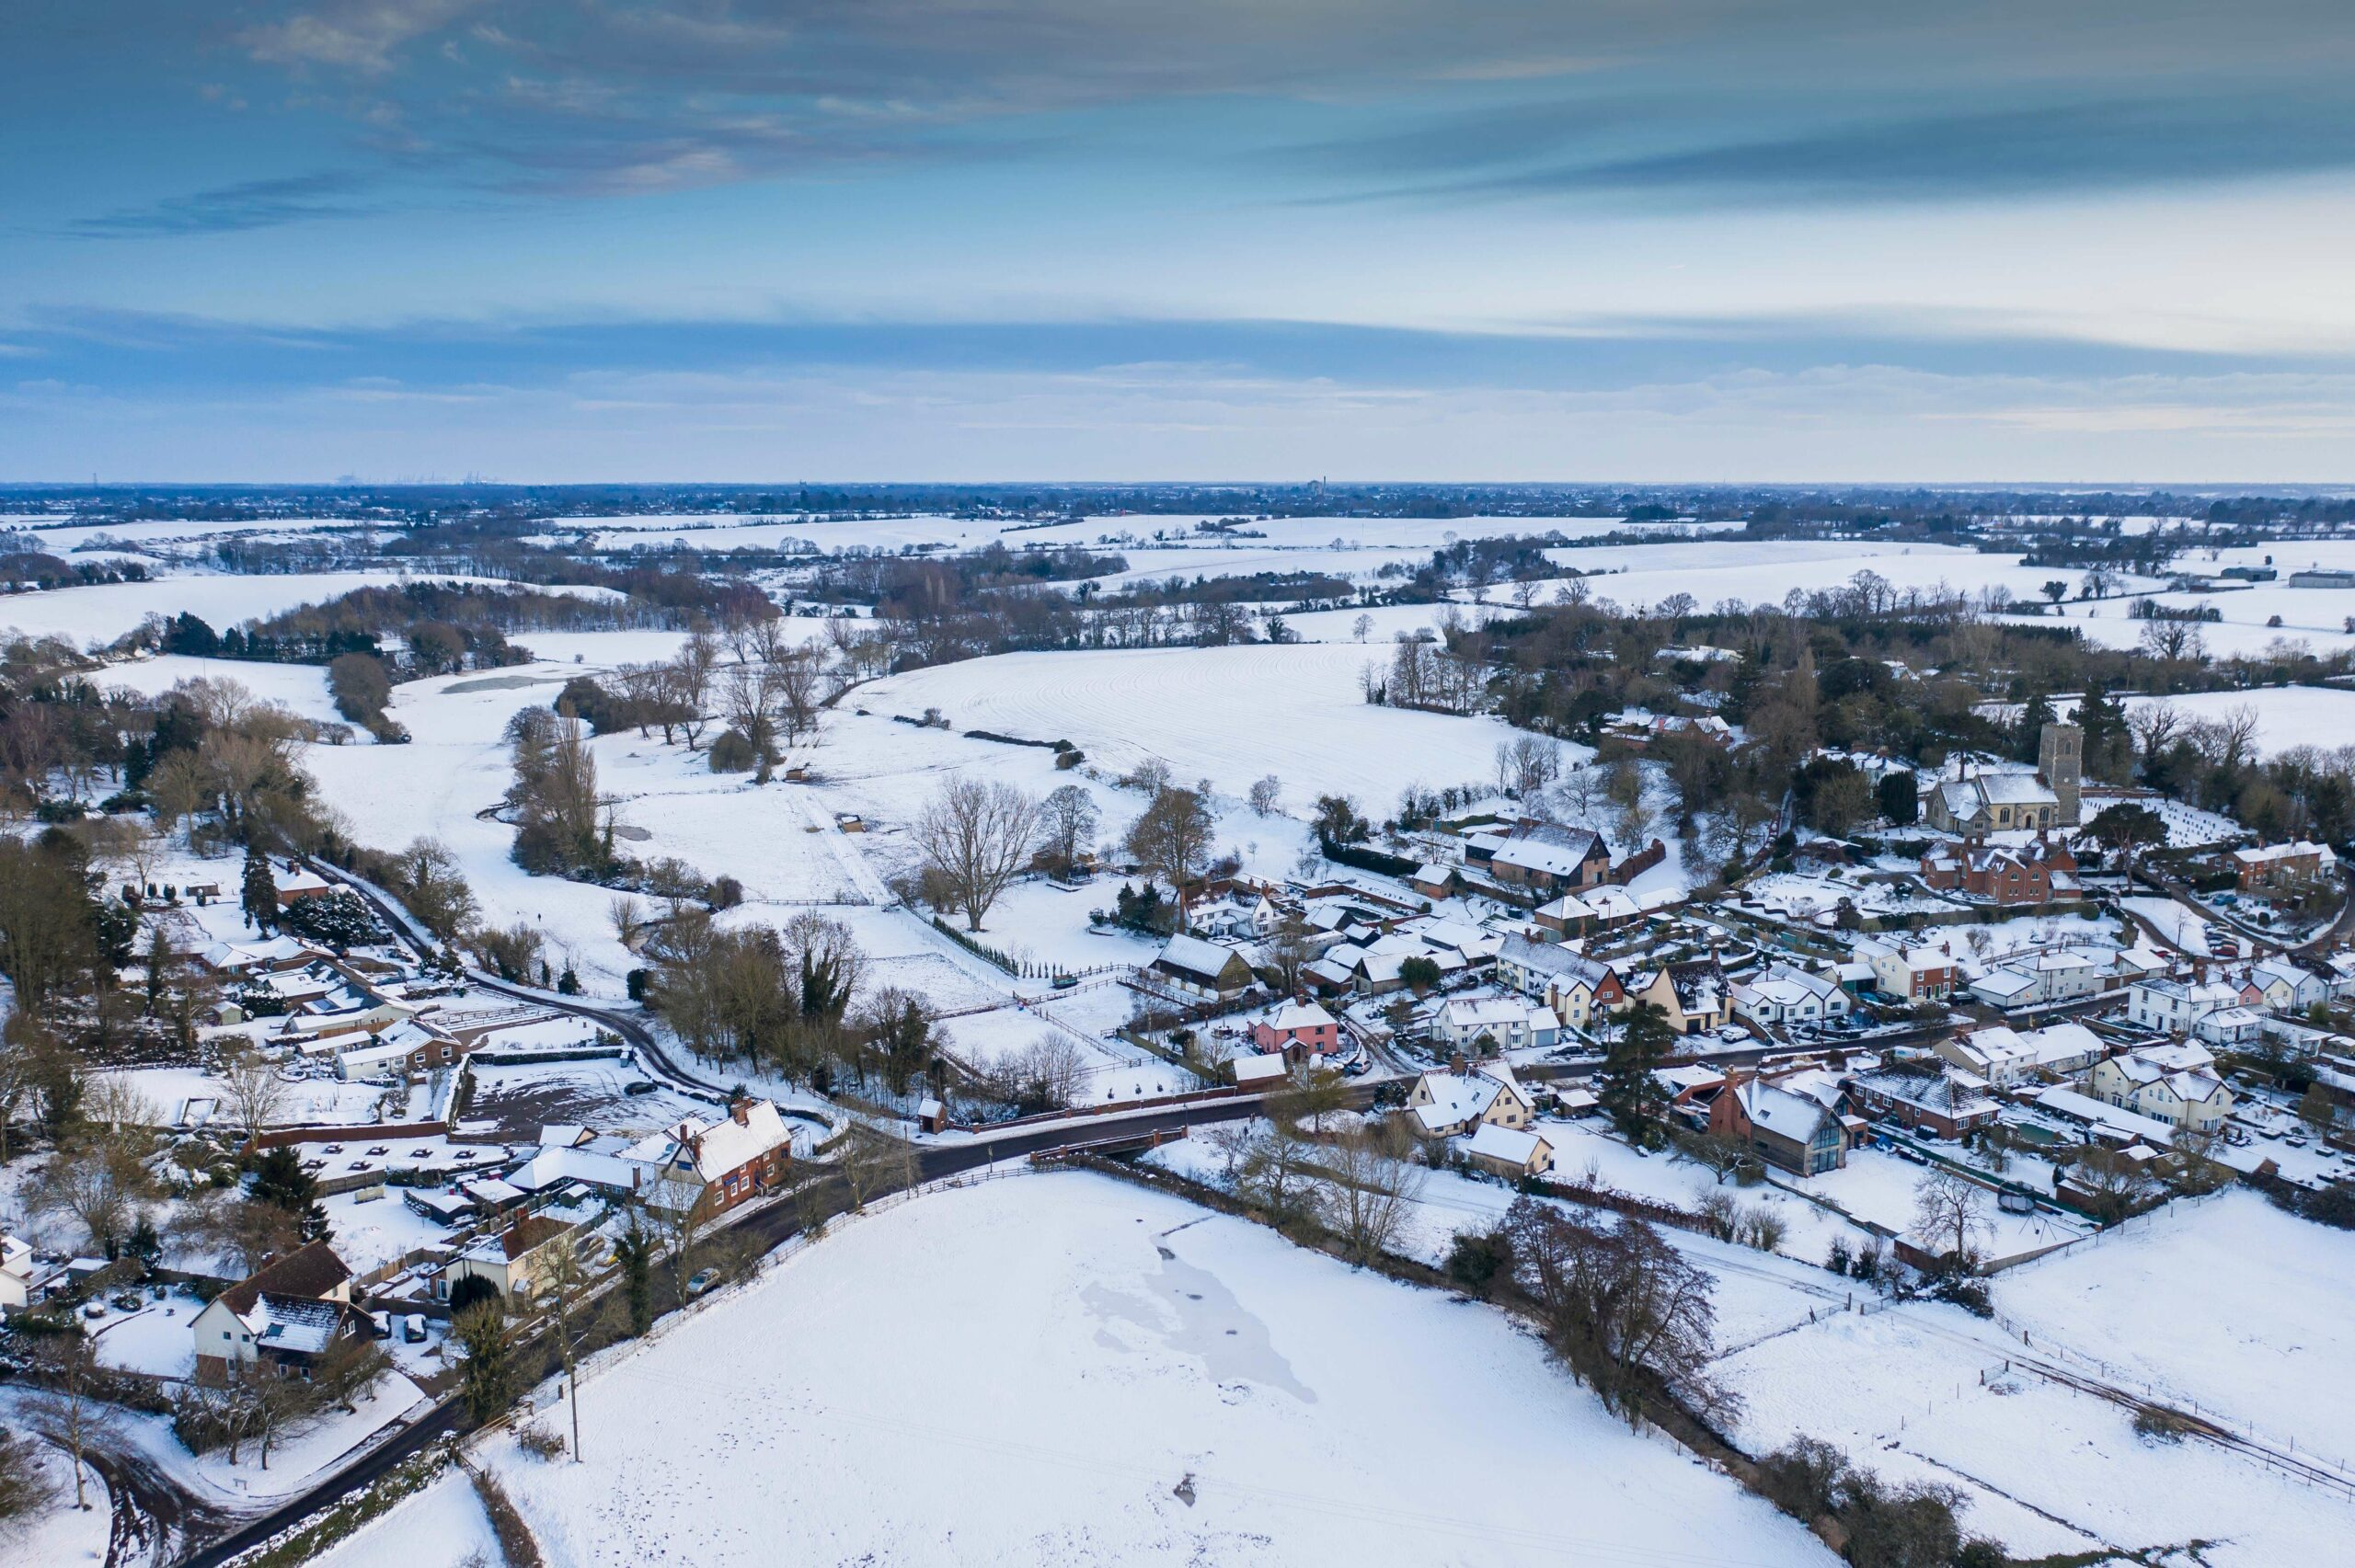 Winter over Tuddenham in the Fynn Valley